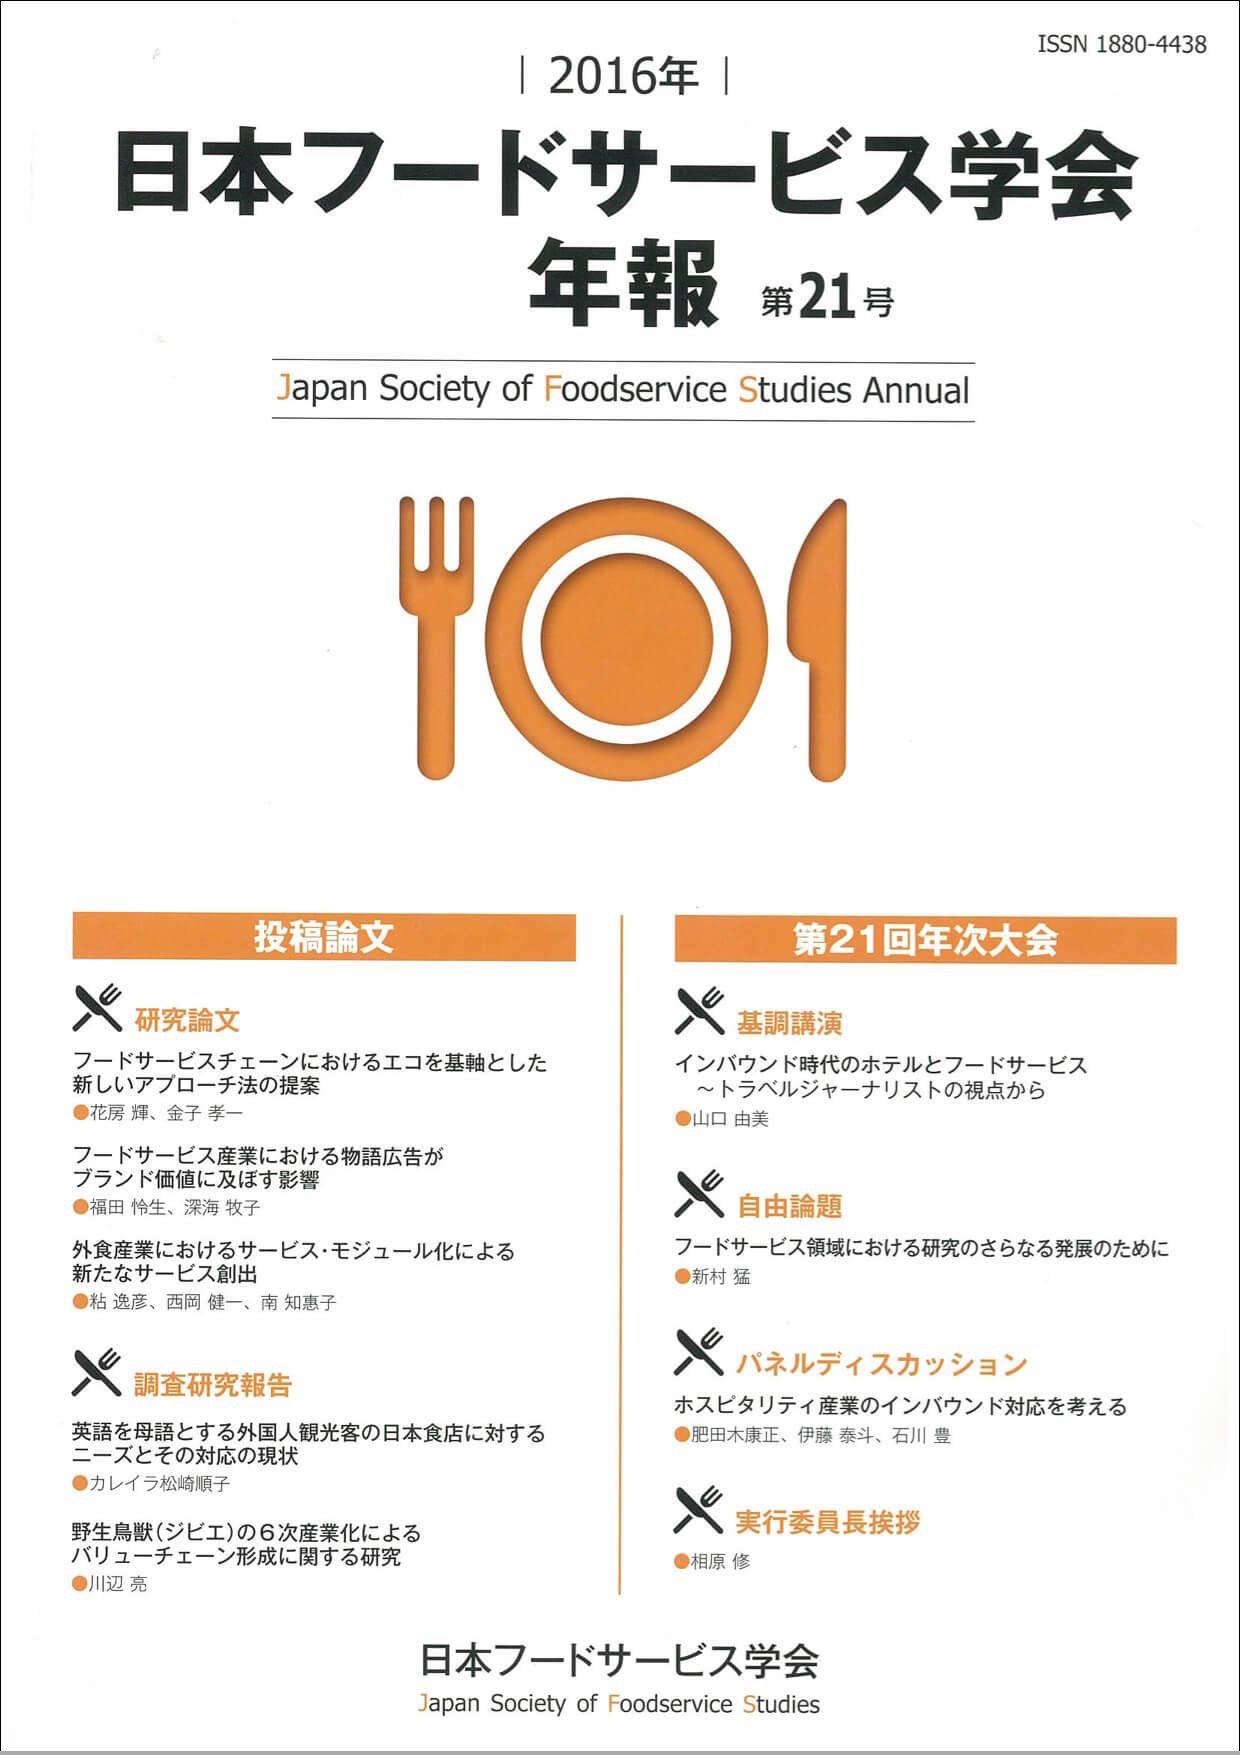 日本フードサービス学会年報 第21号表紙